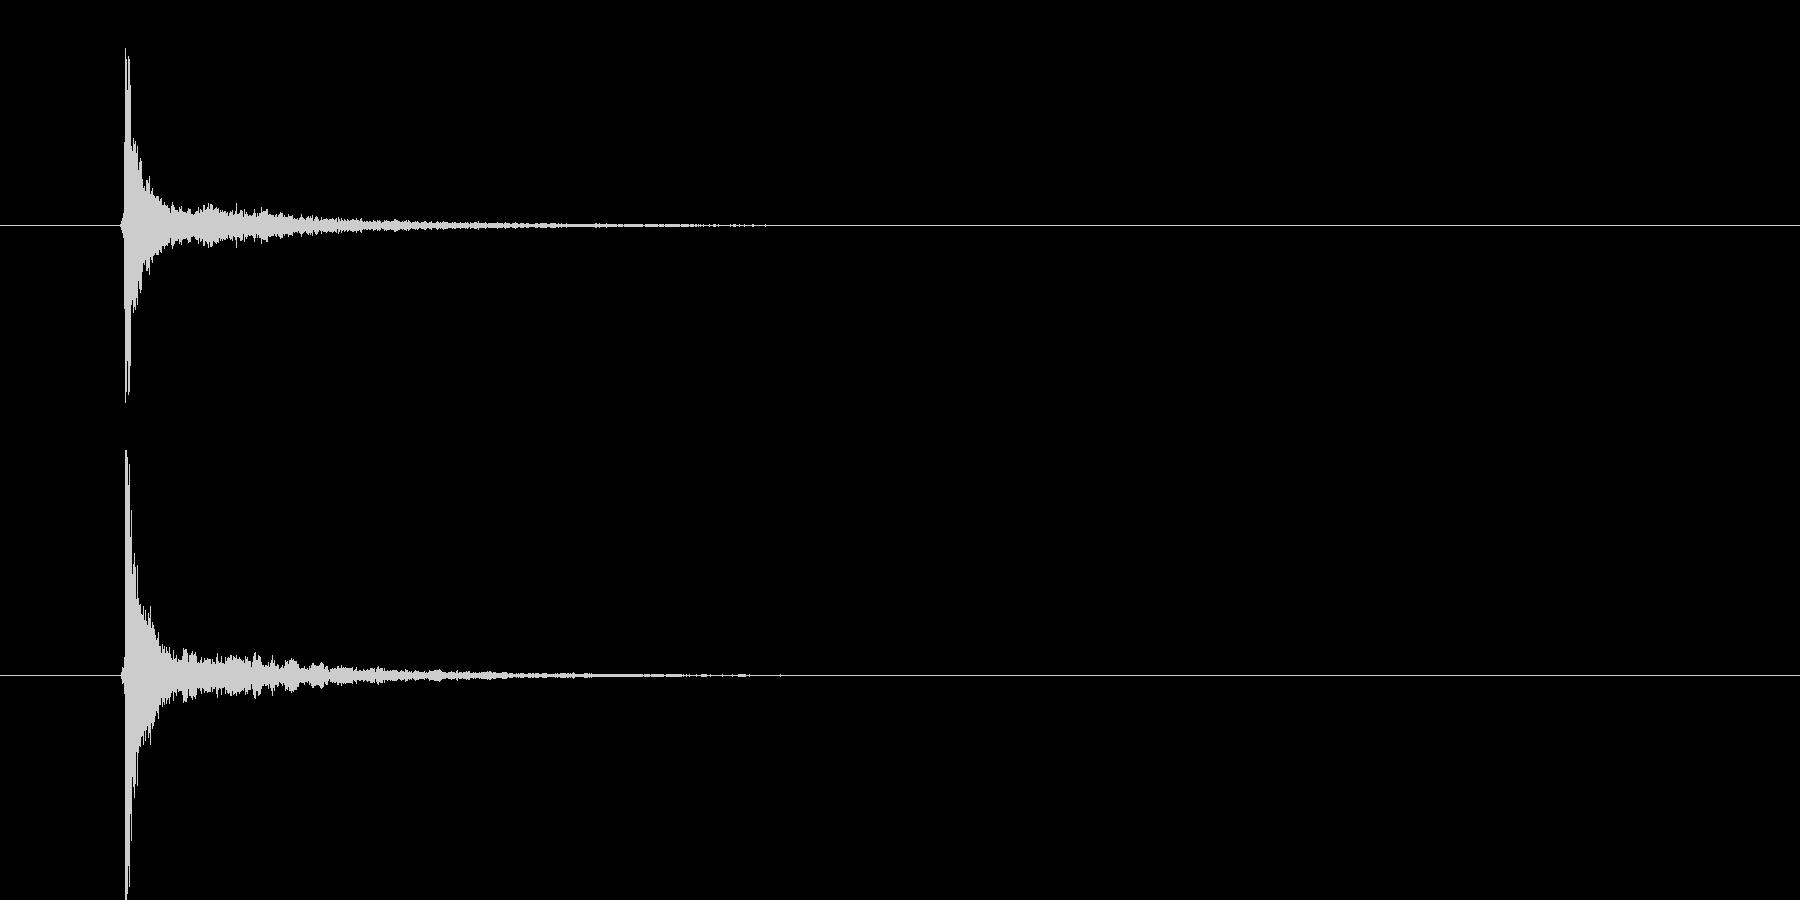 「パーン」「カーン」というクラッカーの…の未再生の波形